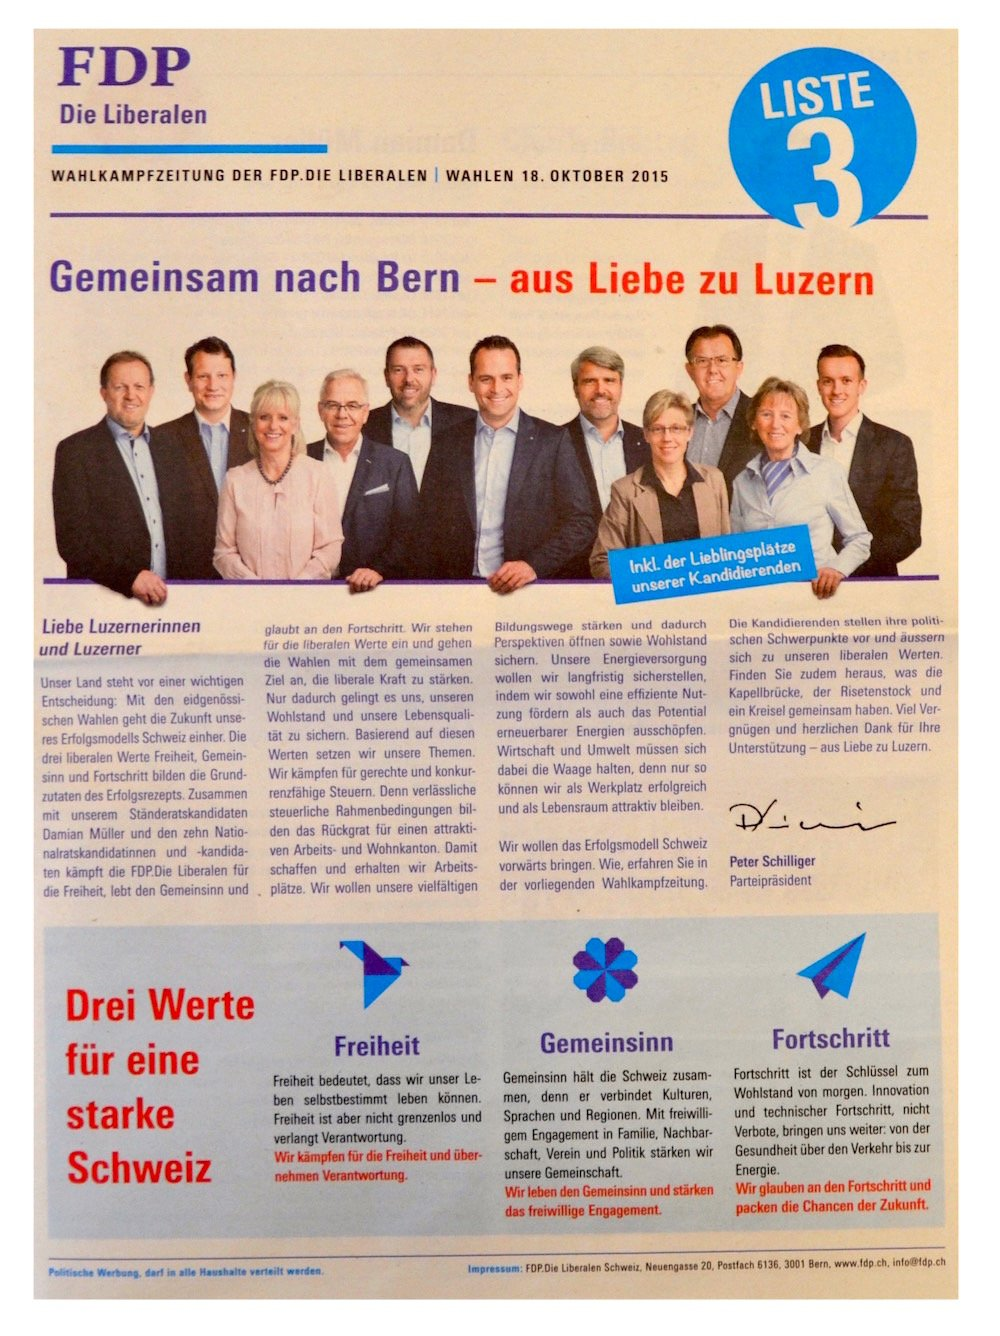 Ebenfalls eine ganze Wahlzeitung präsentiert die FDP. Statt auf Themen setzt sie auf Köpfe, was die Texter kritisch beäugen.